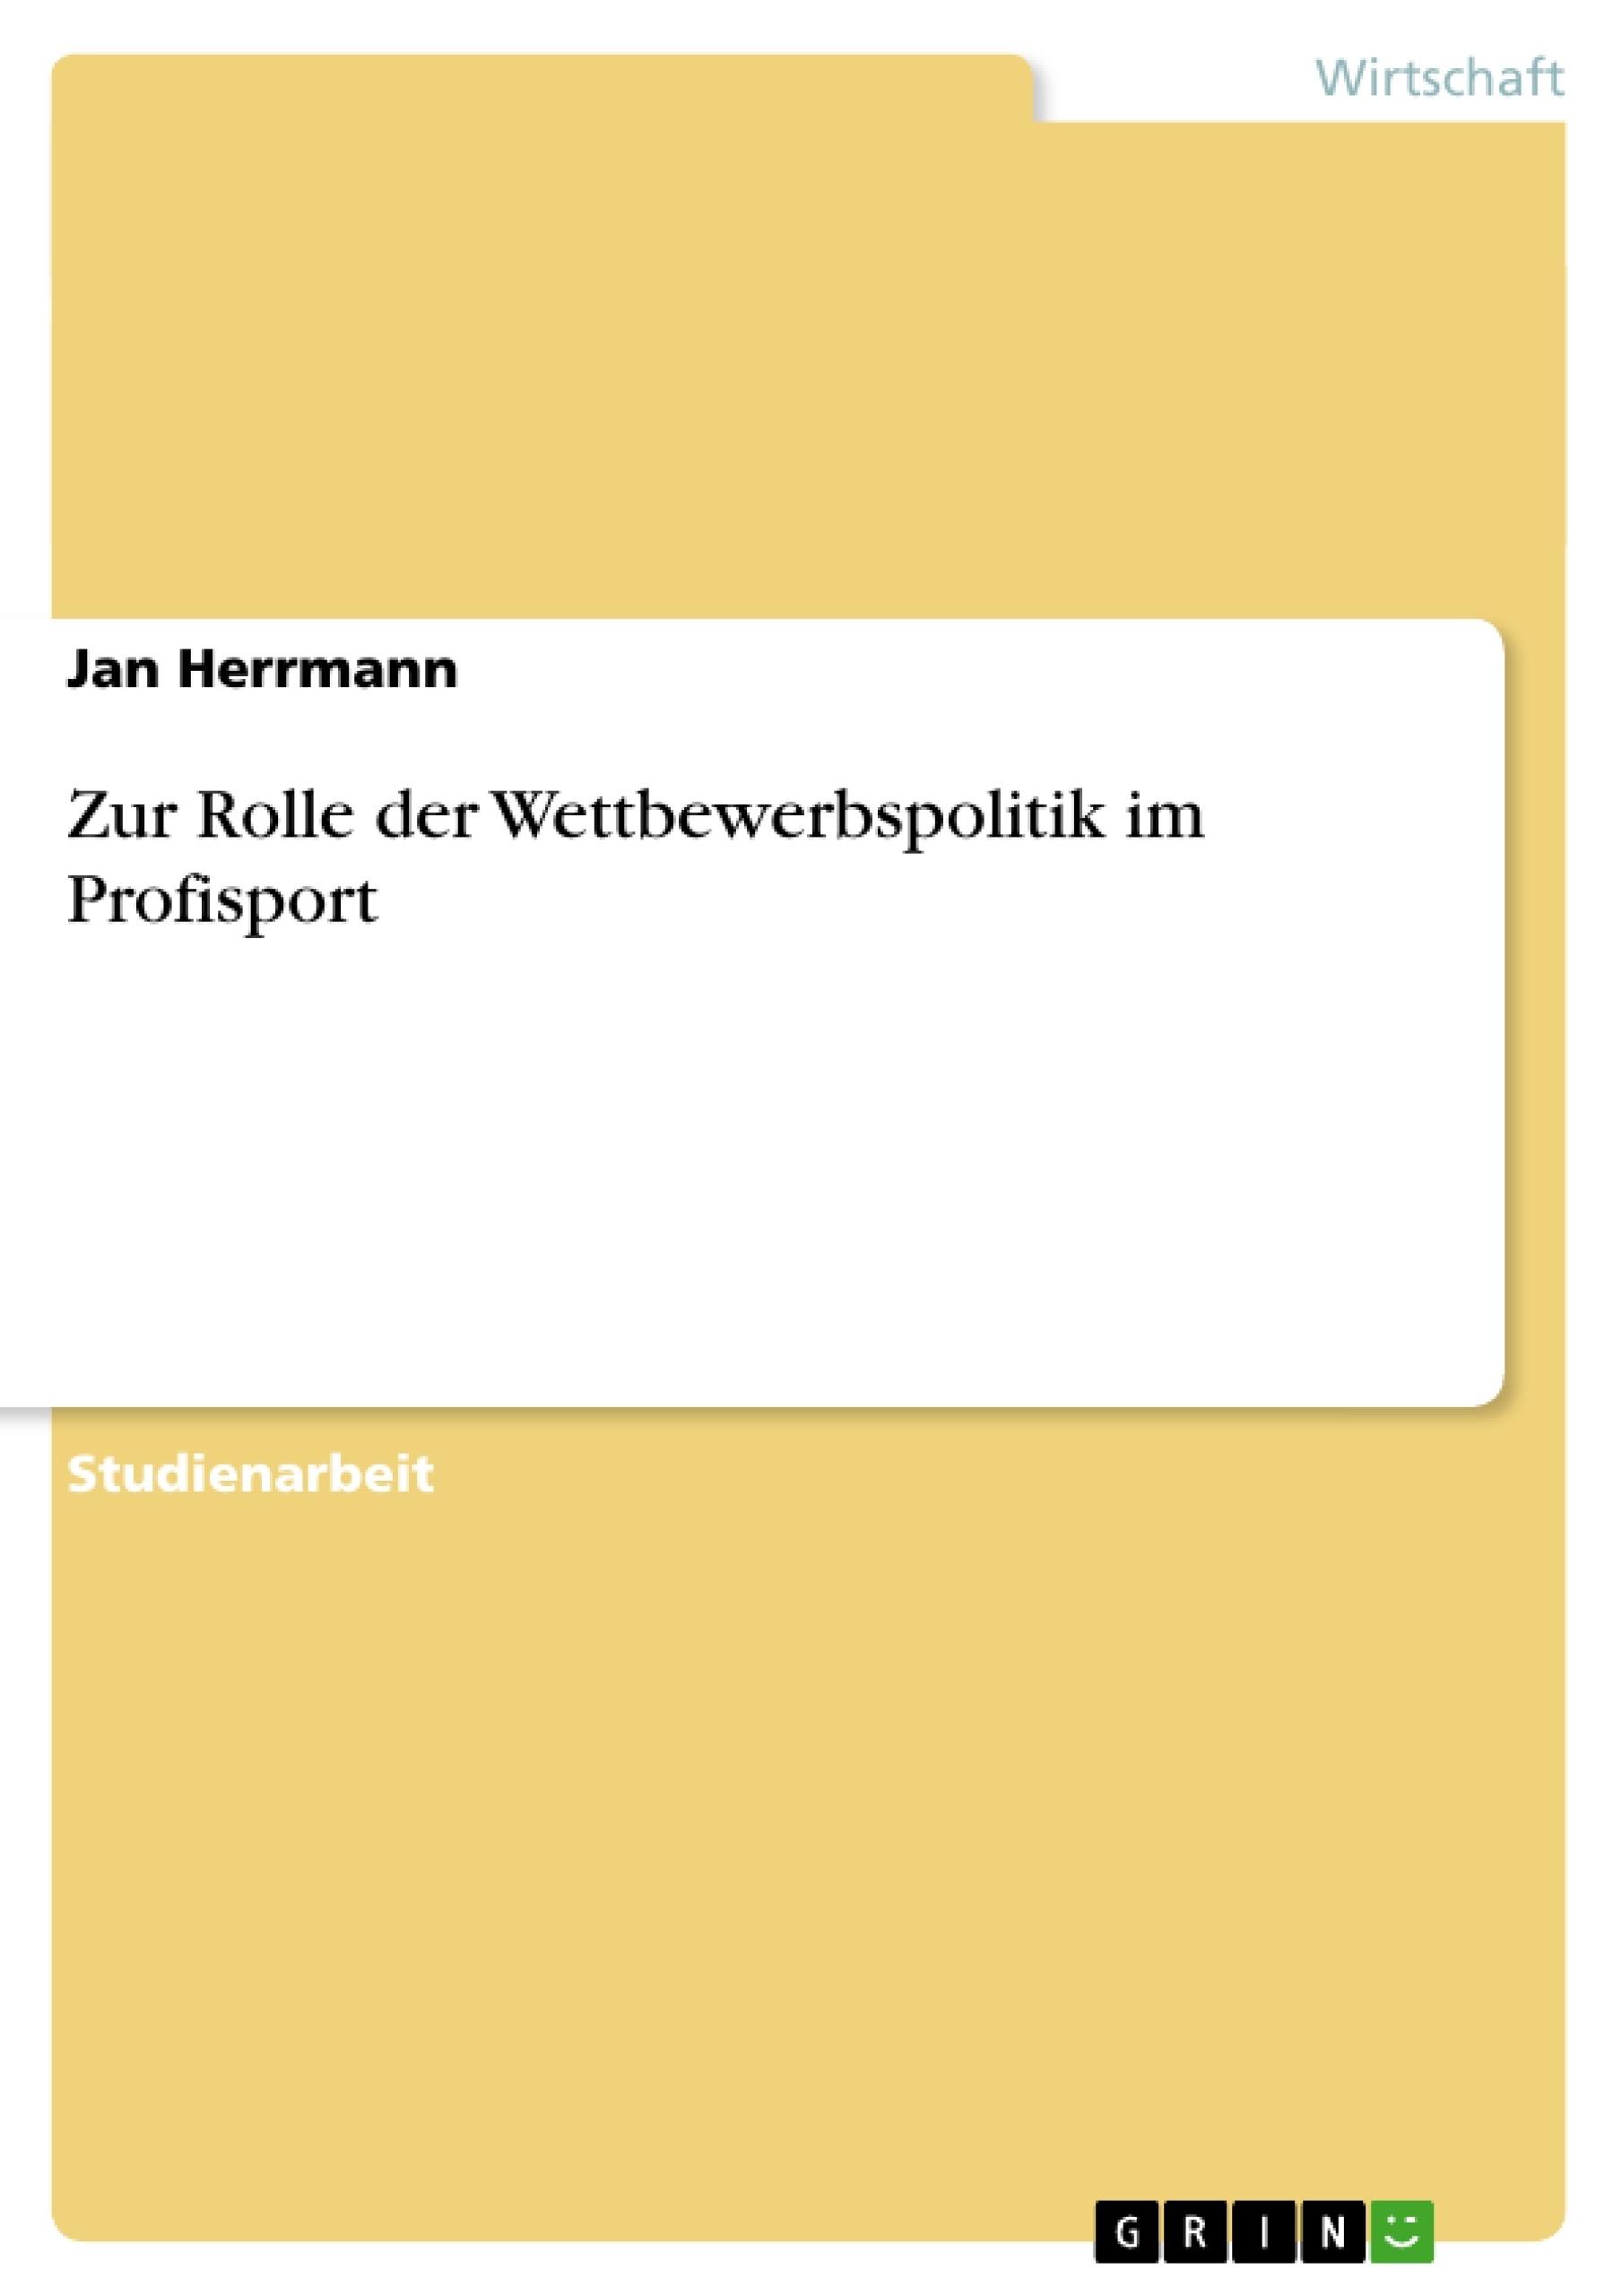 Titel: Zur Rolle der Wettbewerbspolitik im Profisport